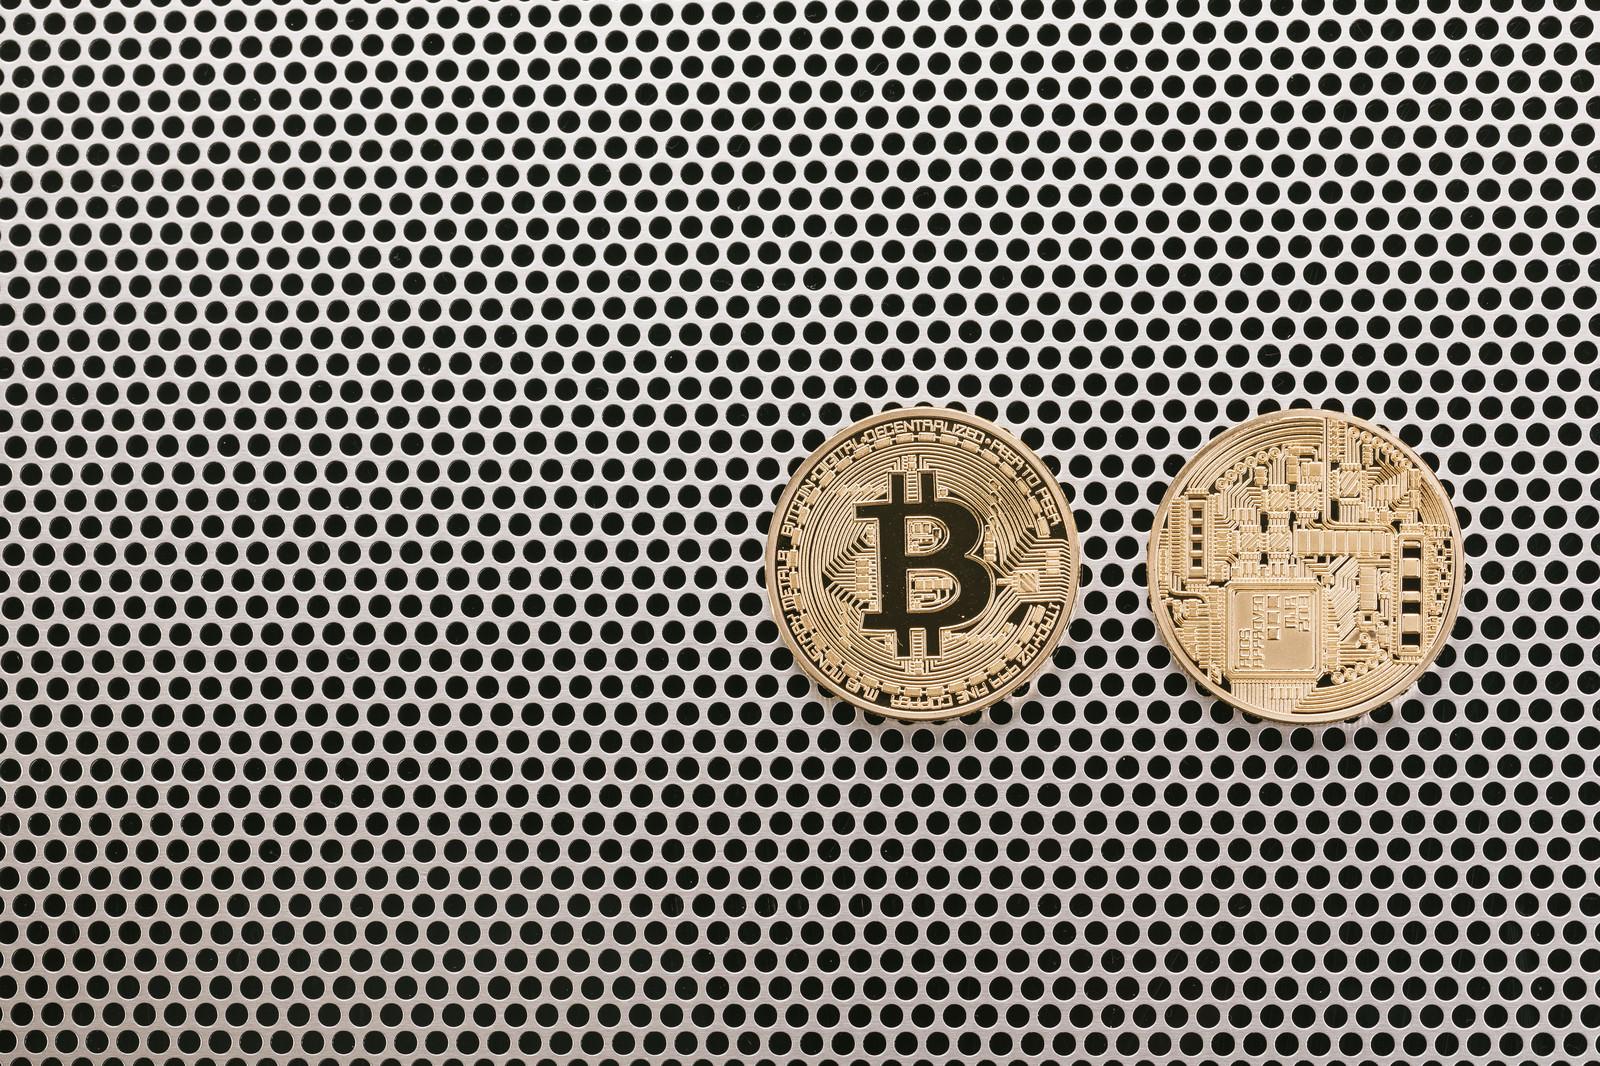 「仮想通貨の表と裏(Bitcoin)仮想通貨の表と裏(Bitcoin)」のフリー写真素材を拡大